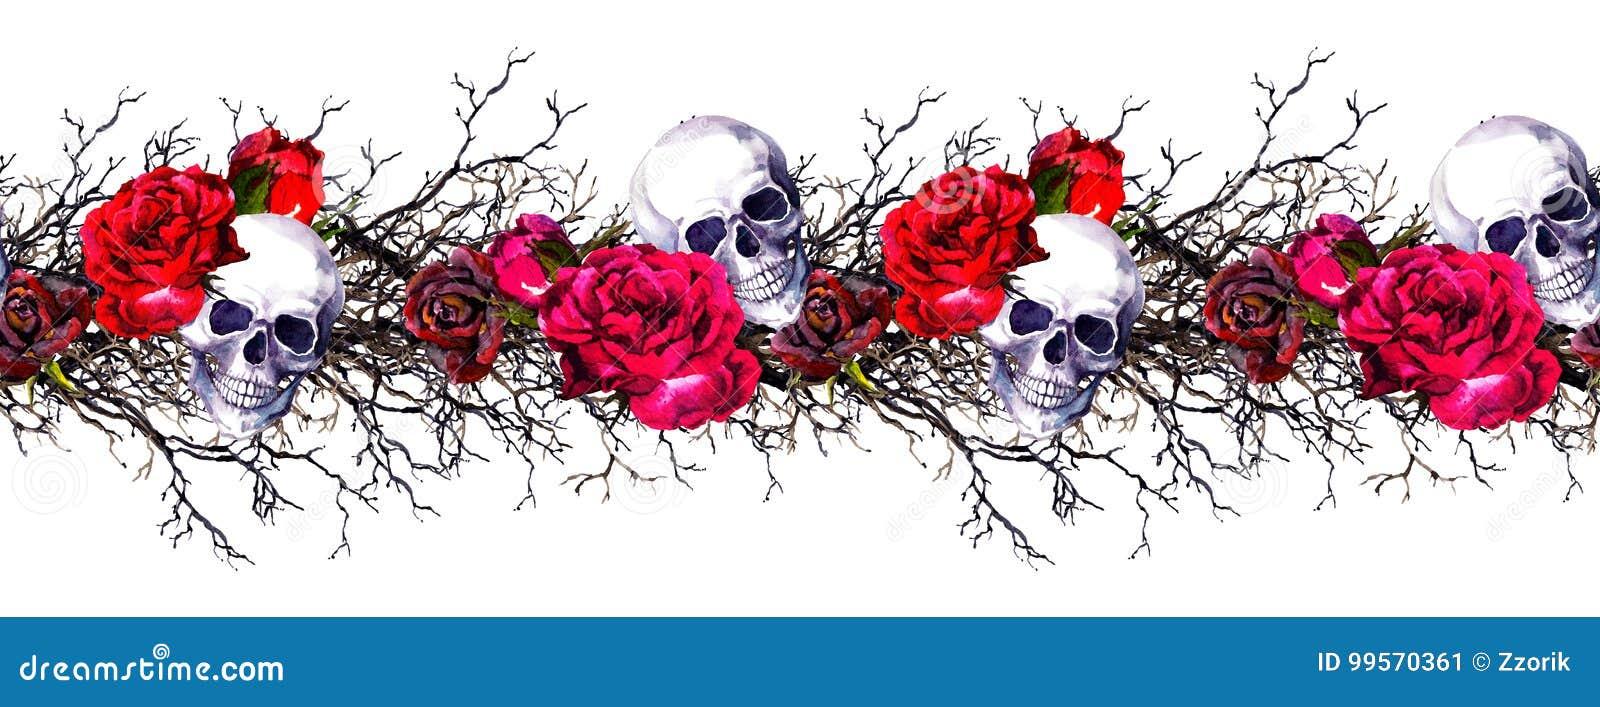 Menschliche Schädel Mit Rosafarbenen Blumen, Niederlassungen ...